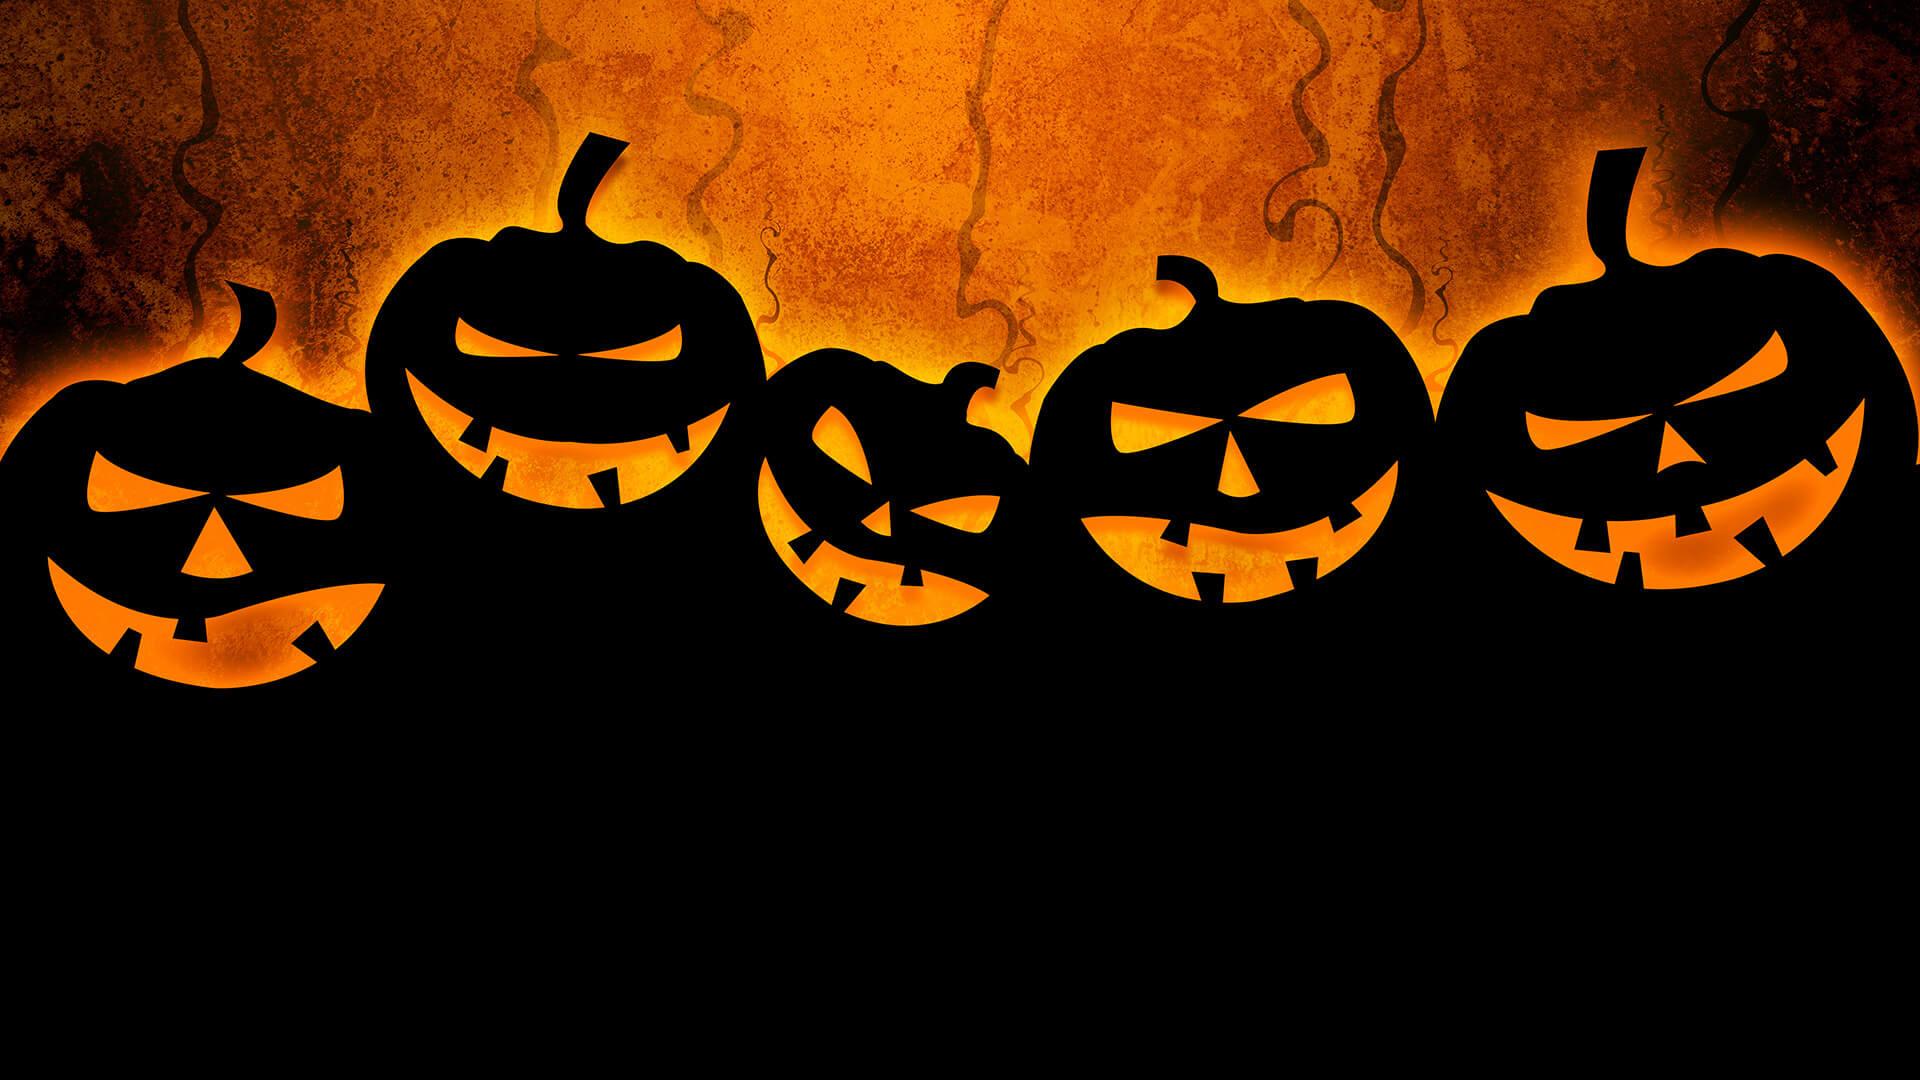 seo-halloween1-pumpkins-ss-1920